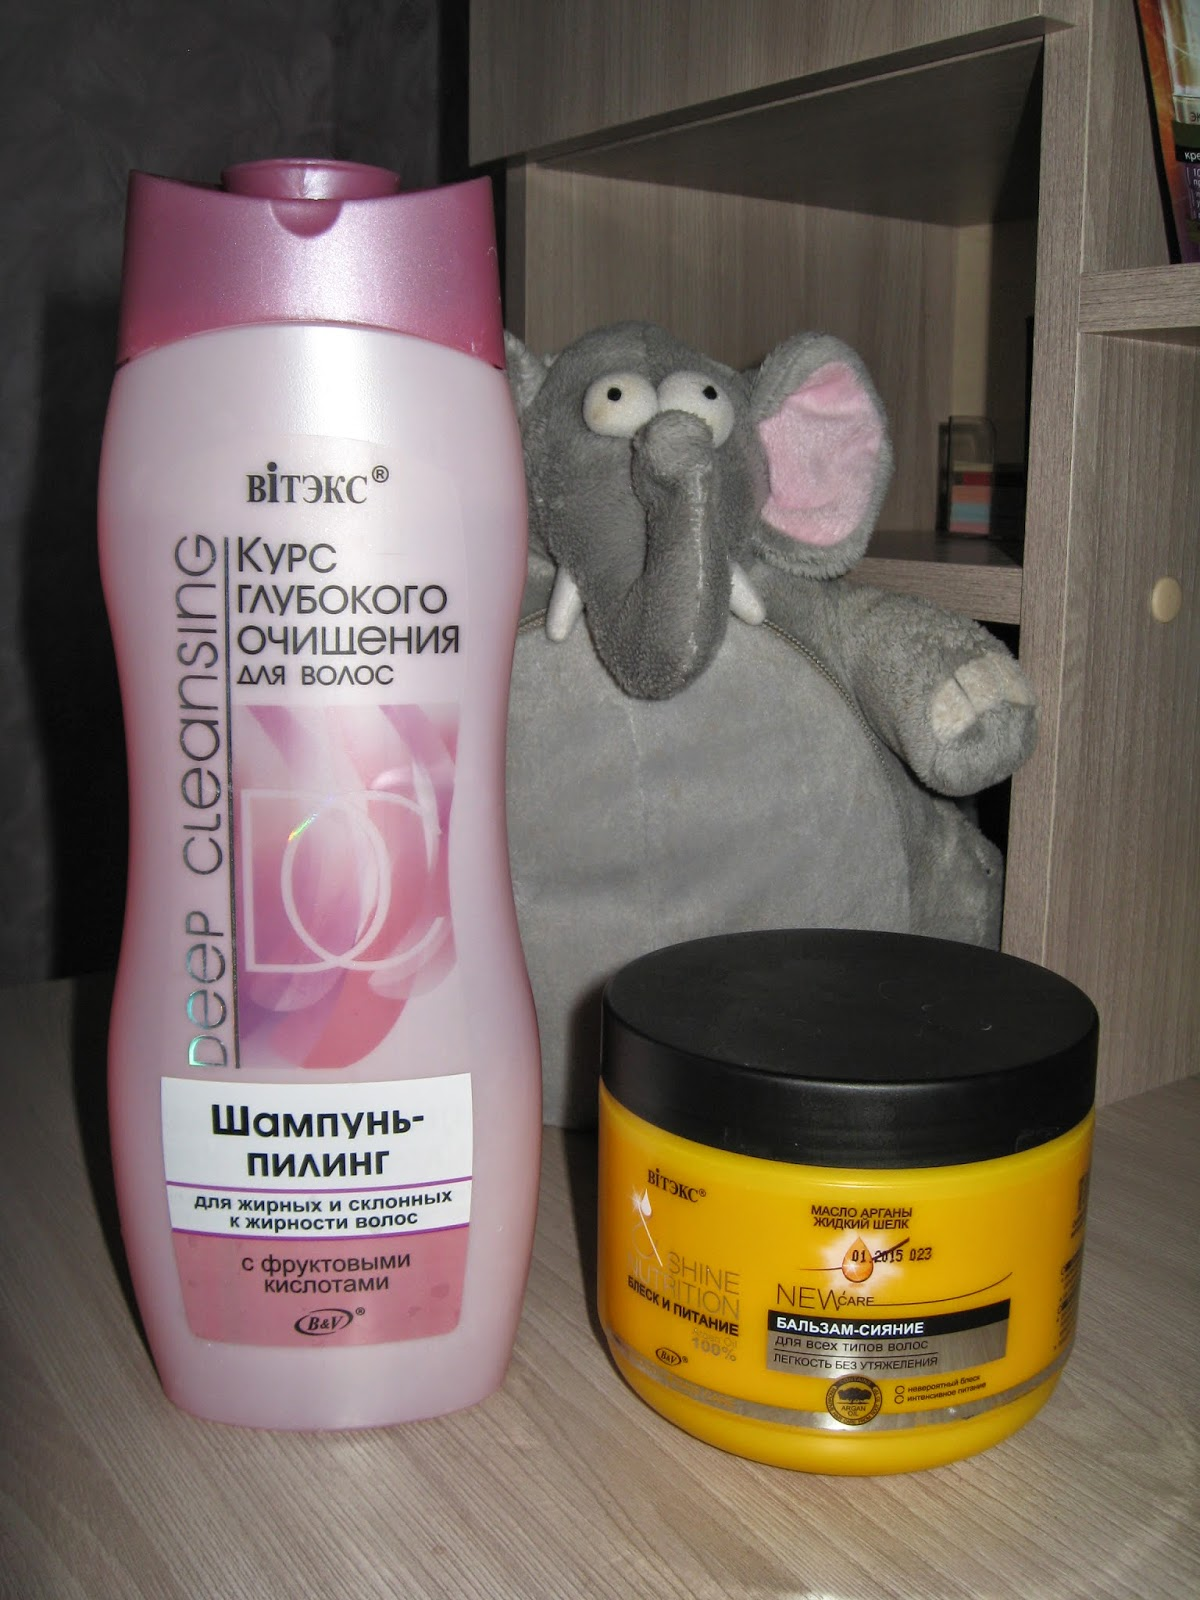 Витекс шампунь-пилинг для жирных и склонных к жирности волос отзывы